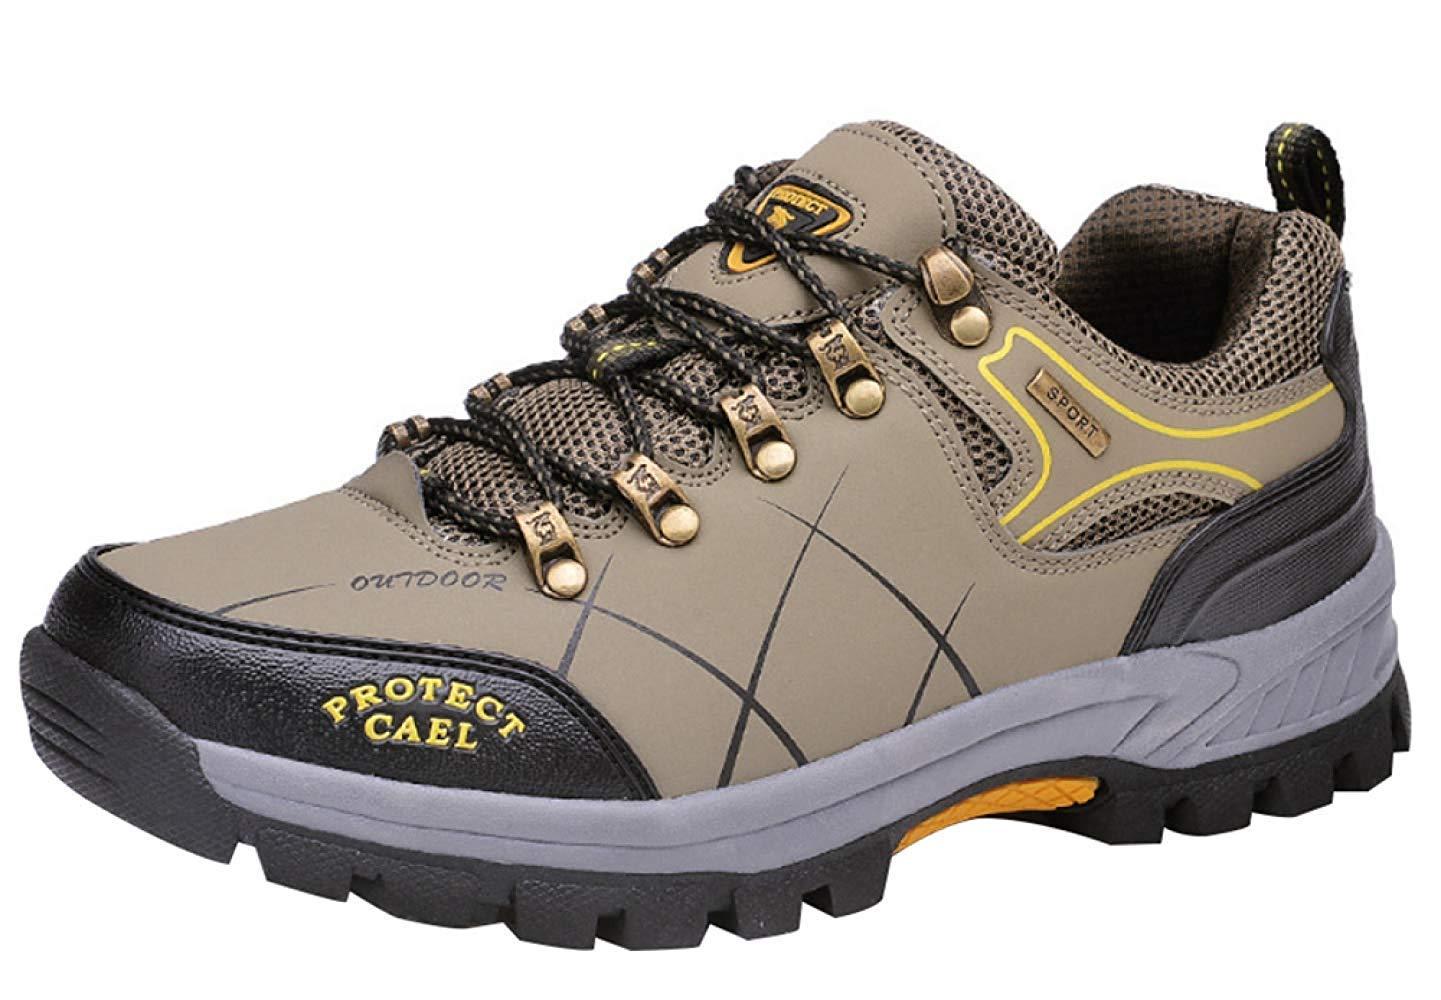 Fuxitoggo Männer Wanderschuhe Stiefel Leder Wanderschuhe Turnschuhe Für Outdoor Trekking Training Beiläufige Arbeit (Farbe   9, Größe   43EU)